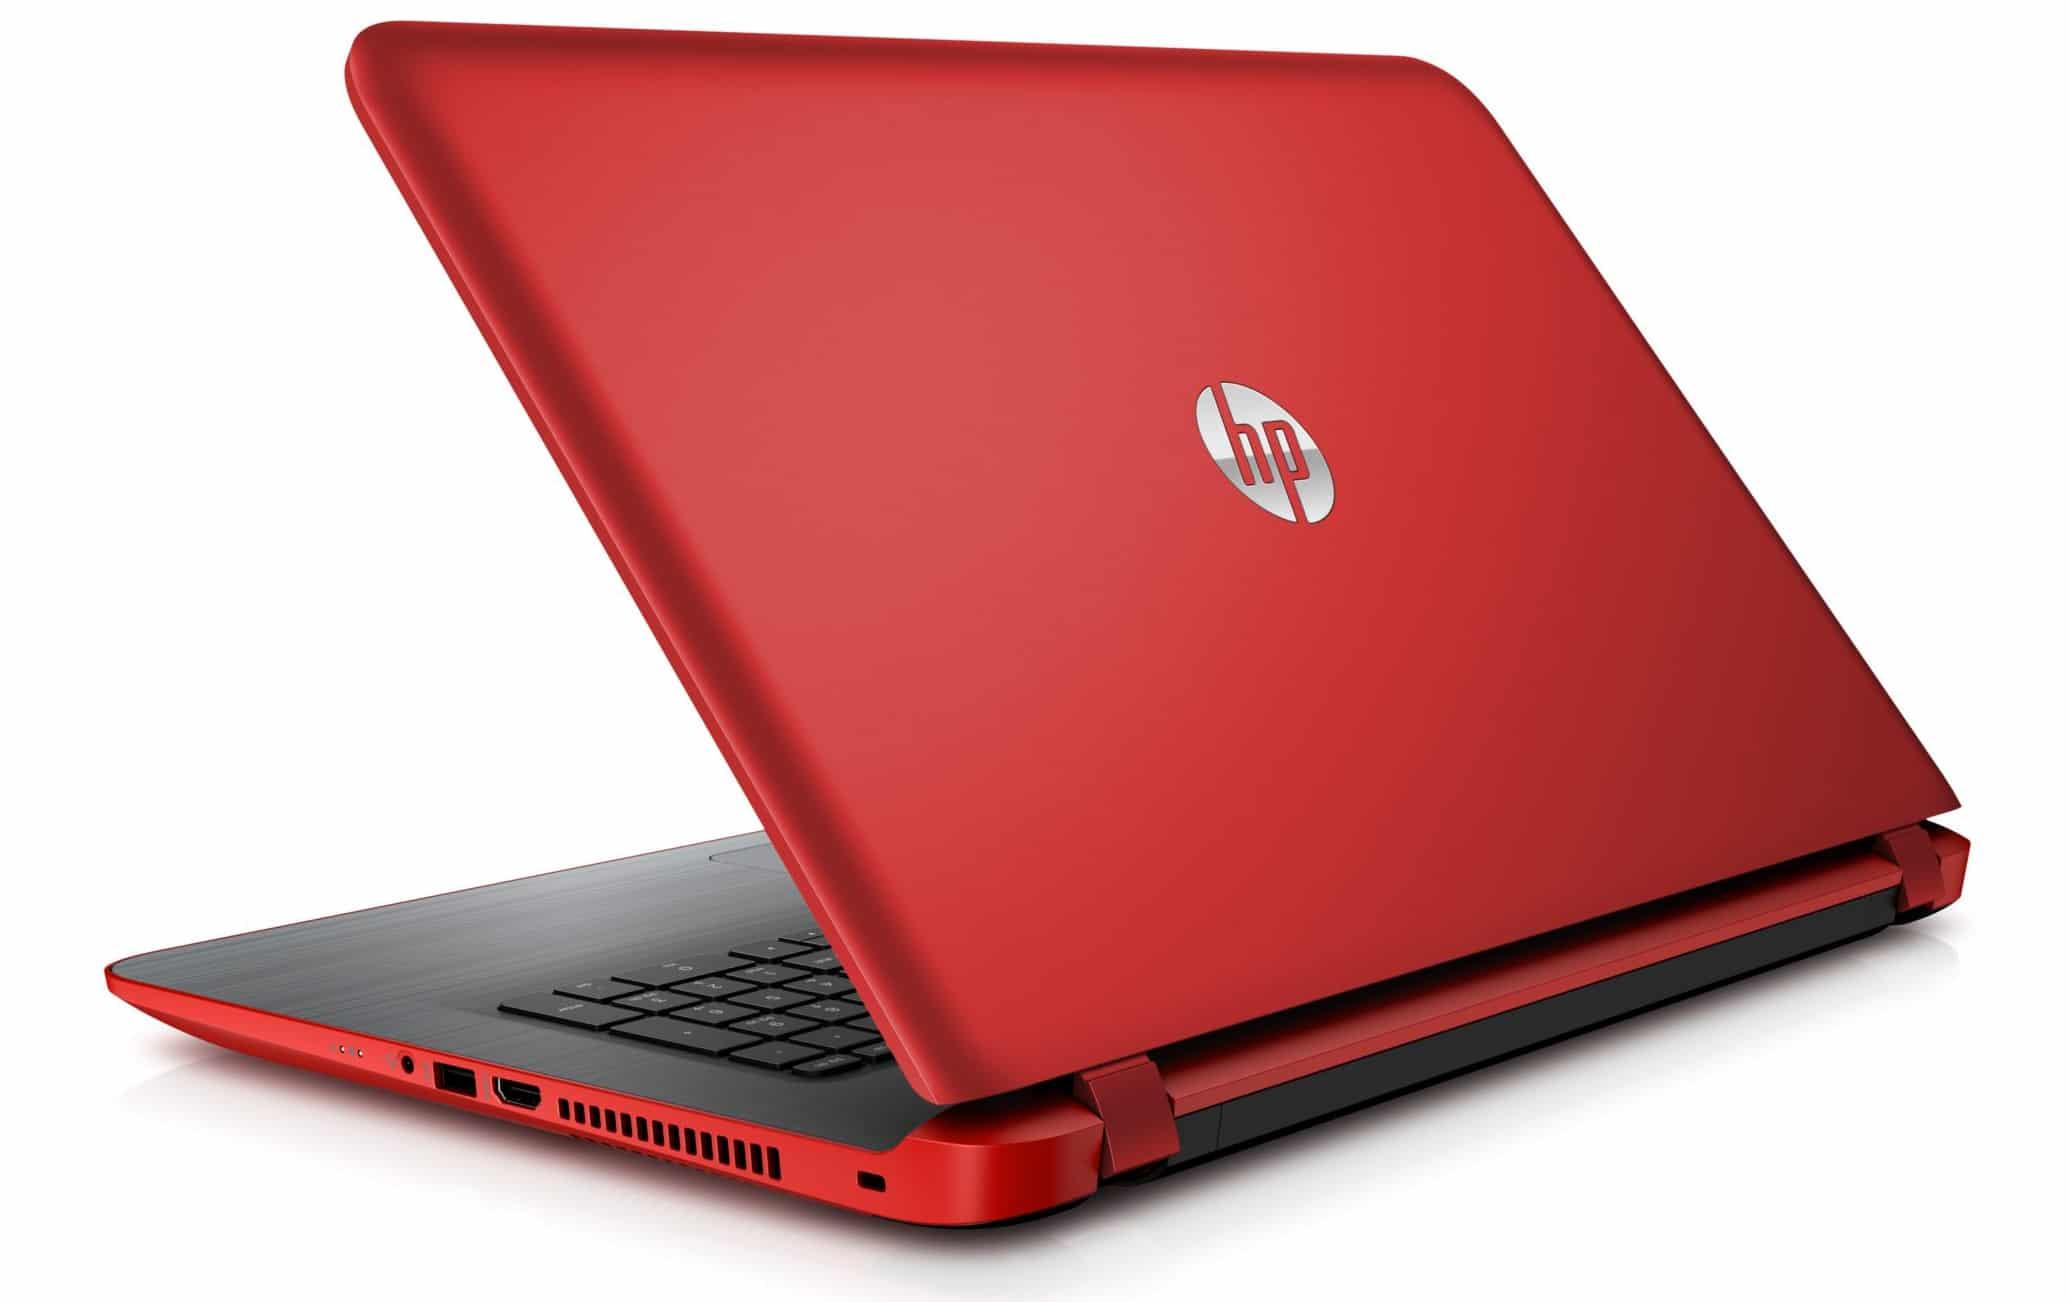 38e21e5d5a2541 HP Pavilion 17-g111nf à 599€ (-100€), PC portable 17 pouces rouge ...